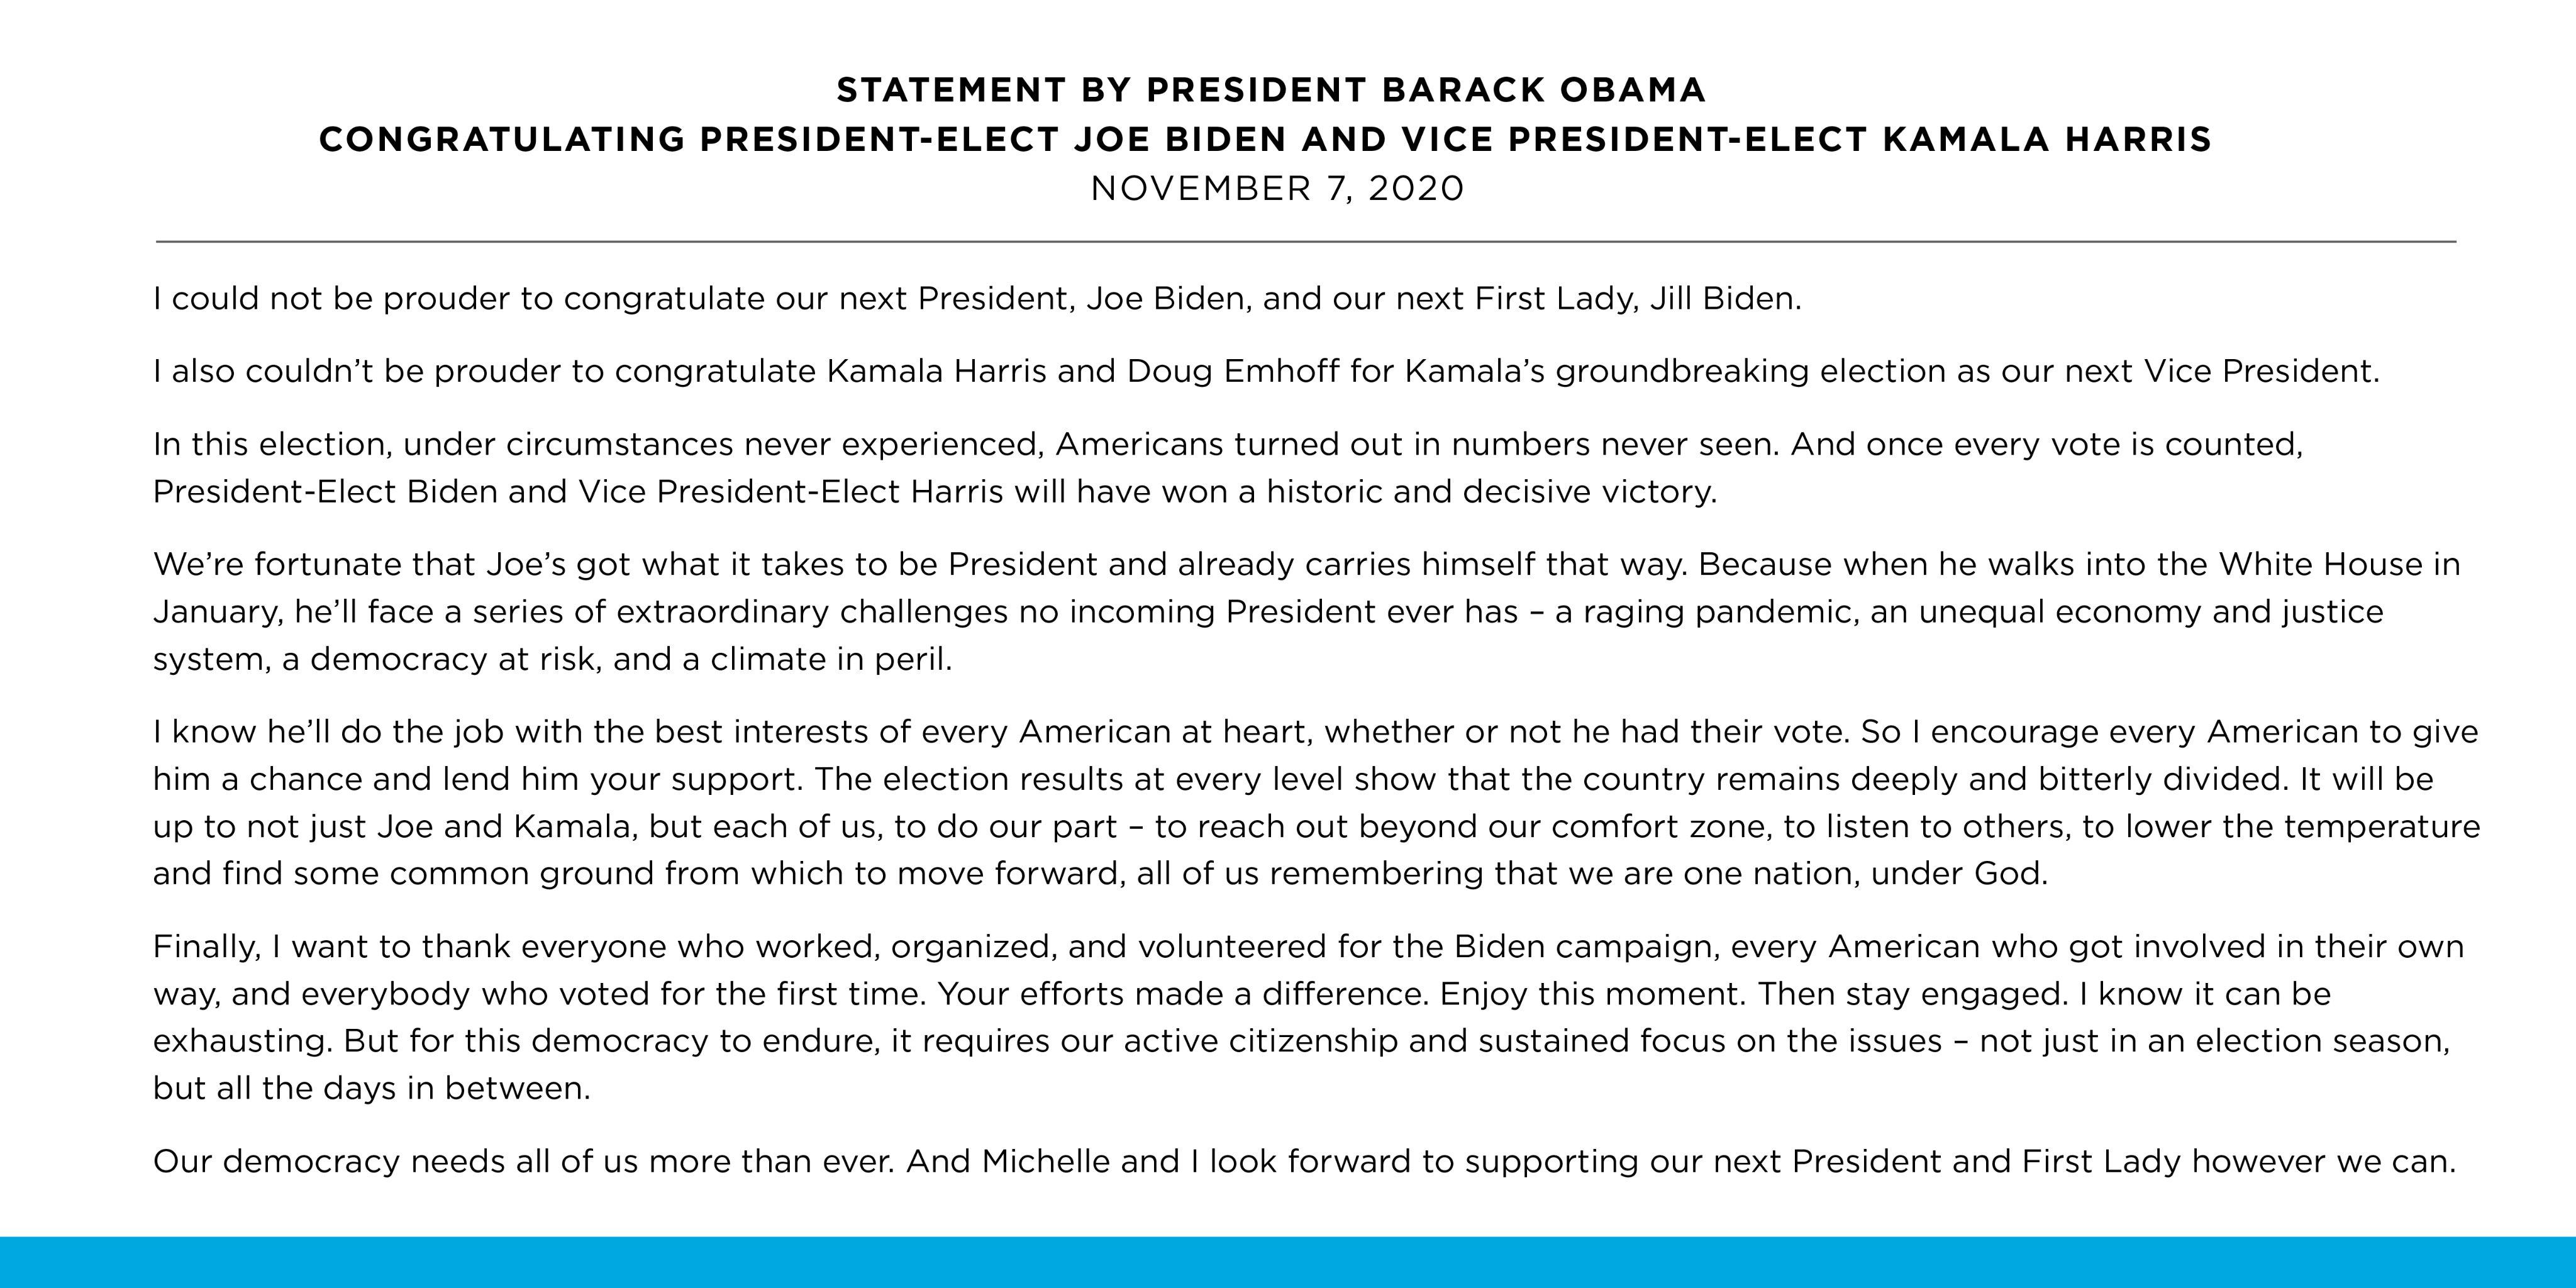 奧巴馬發文祝賀拜登和哈里斯勝選